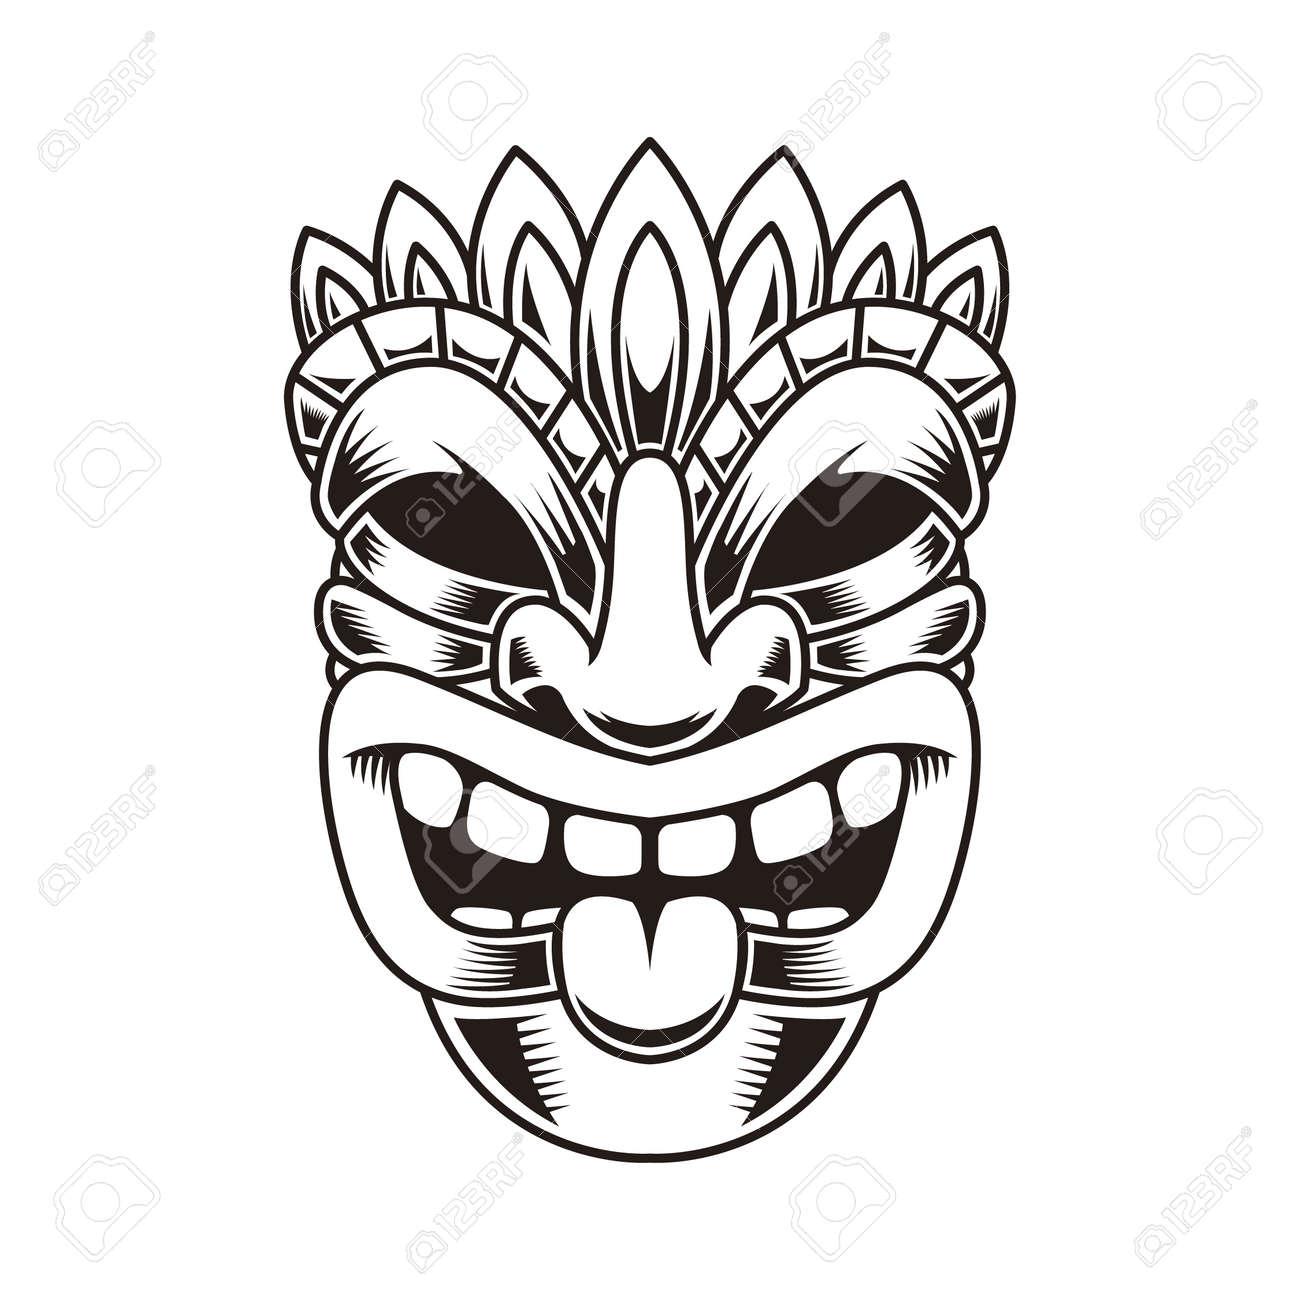 Illustration of tiki idol. Design element for label, sign, poster. Vector illustration - 170554482